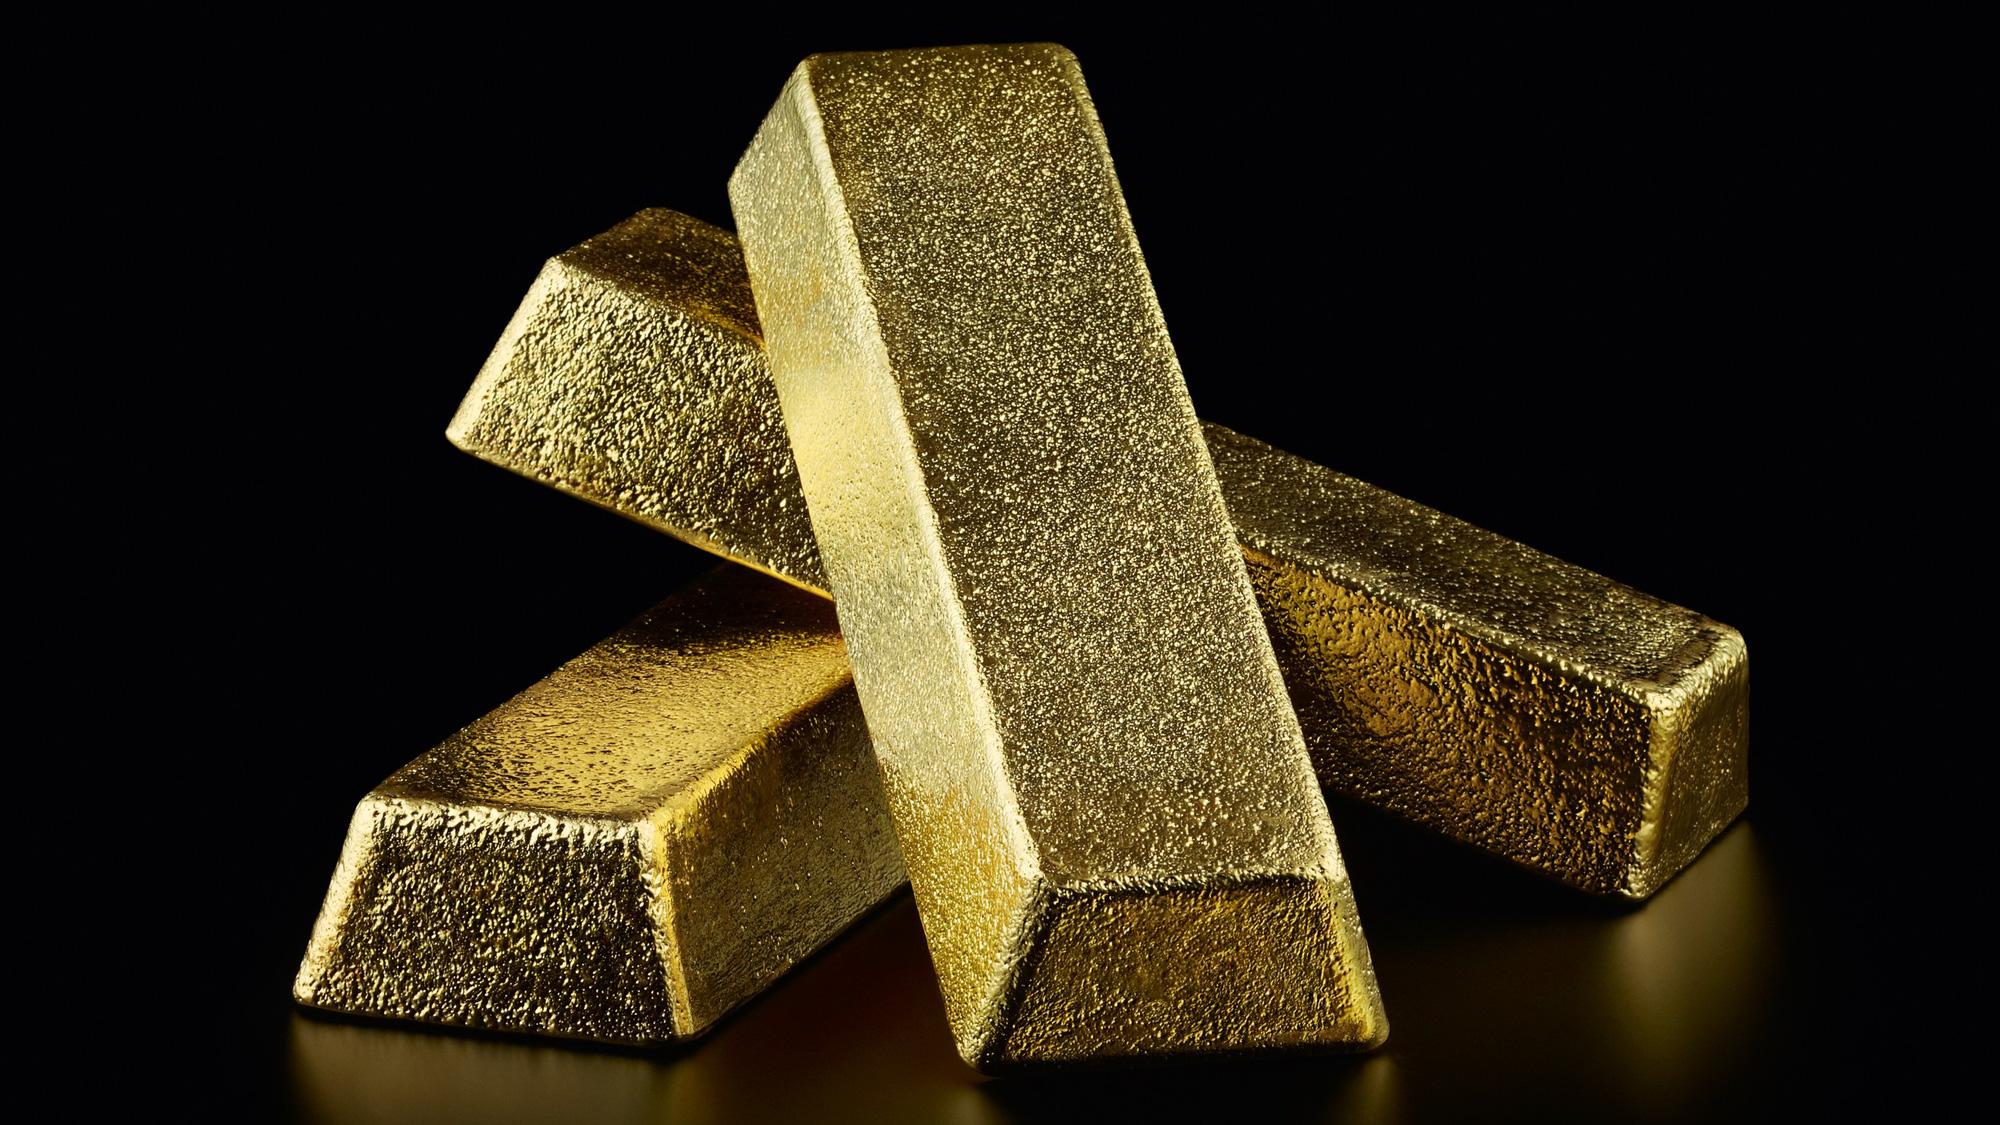 Giá vàng hôm nay 24/6: Vàng miếng SJC điều chỉnh 50.000 đồng/lượng - Ảnh 2.